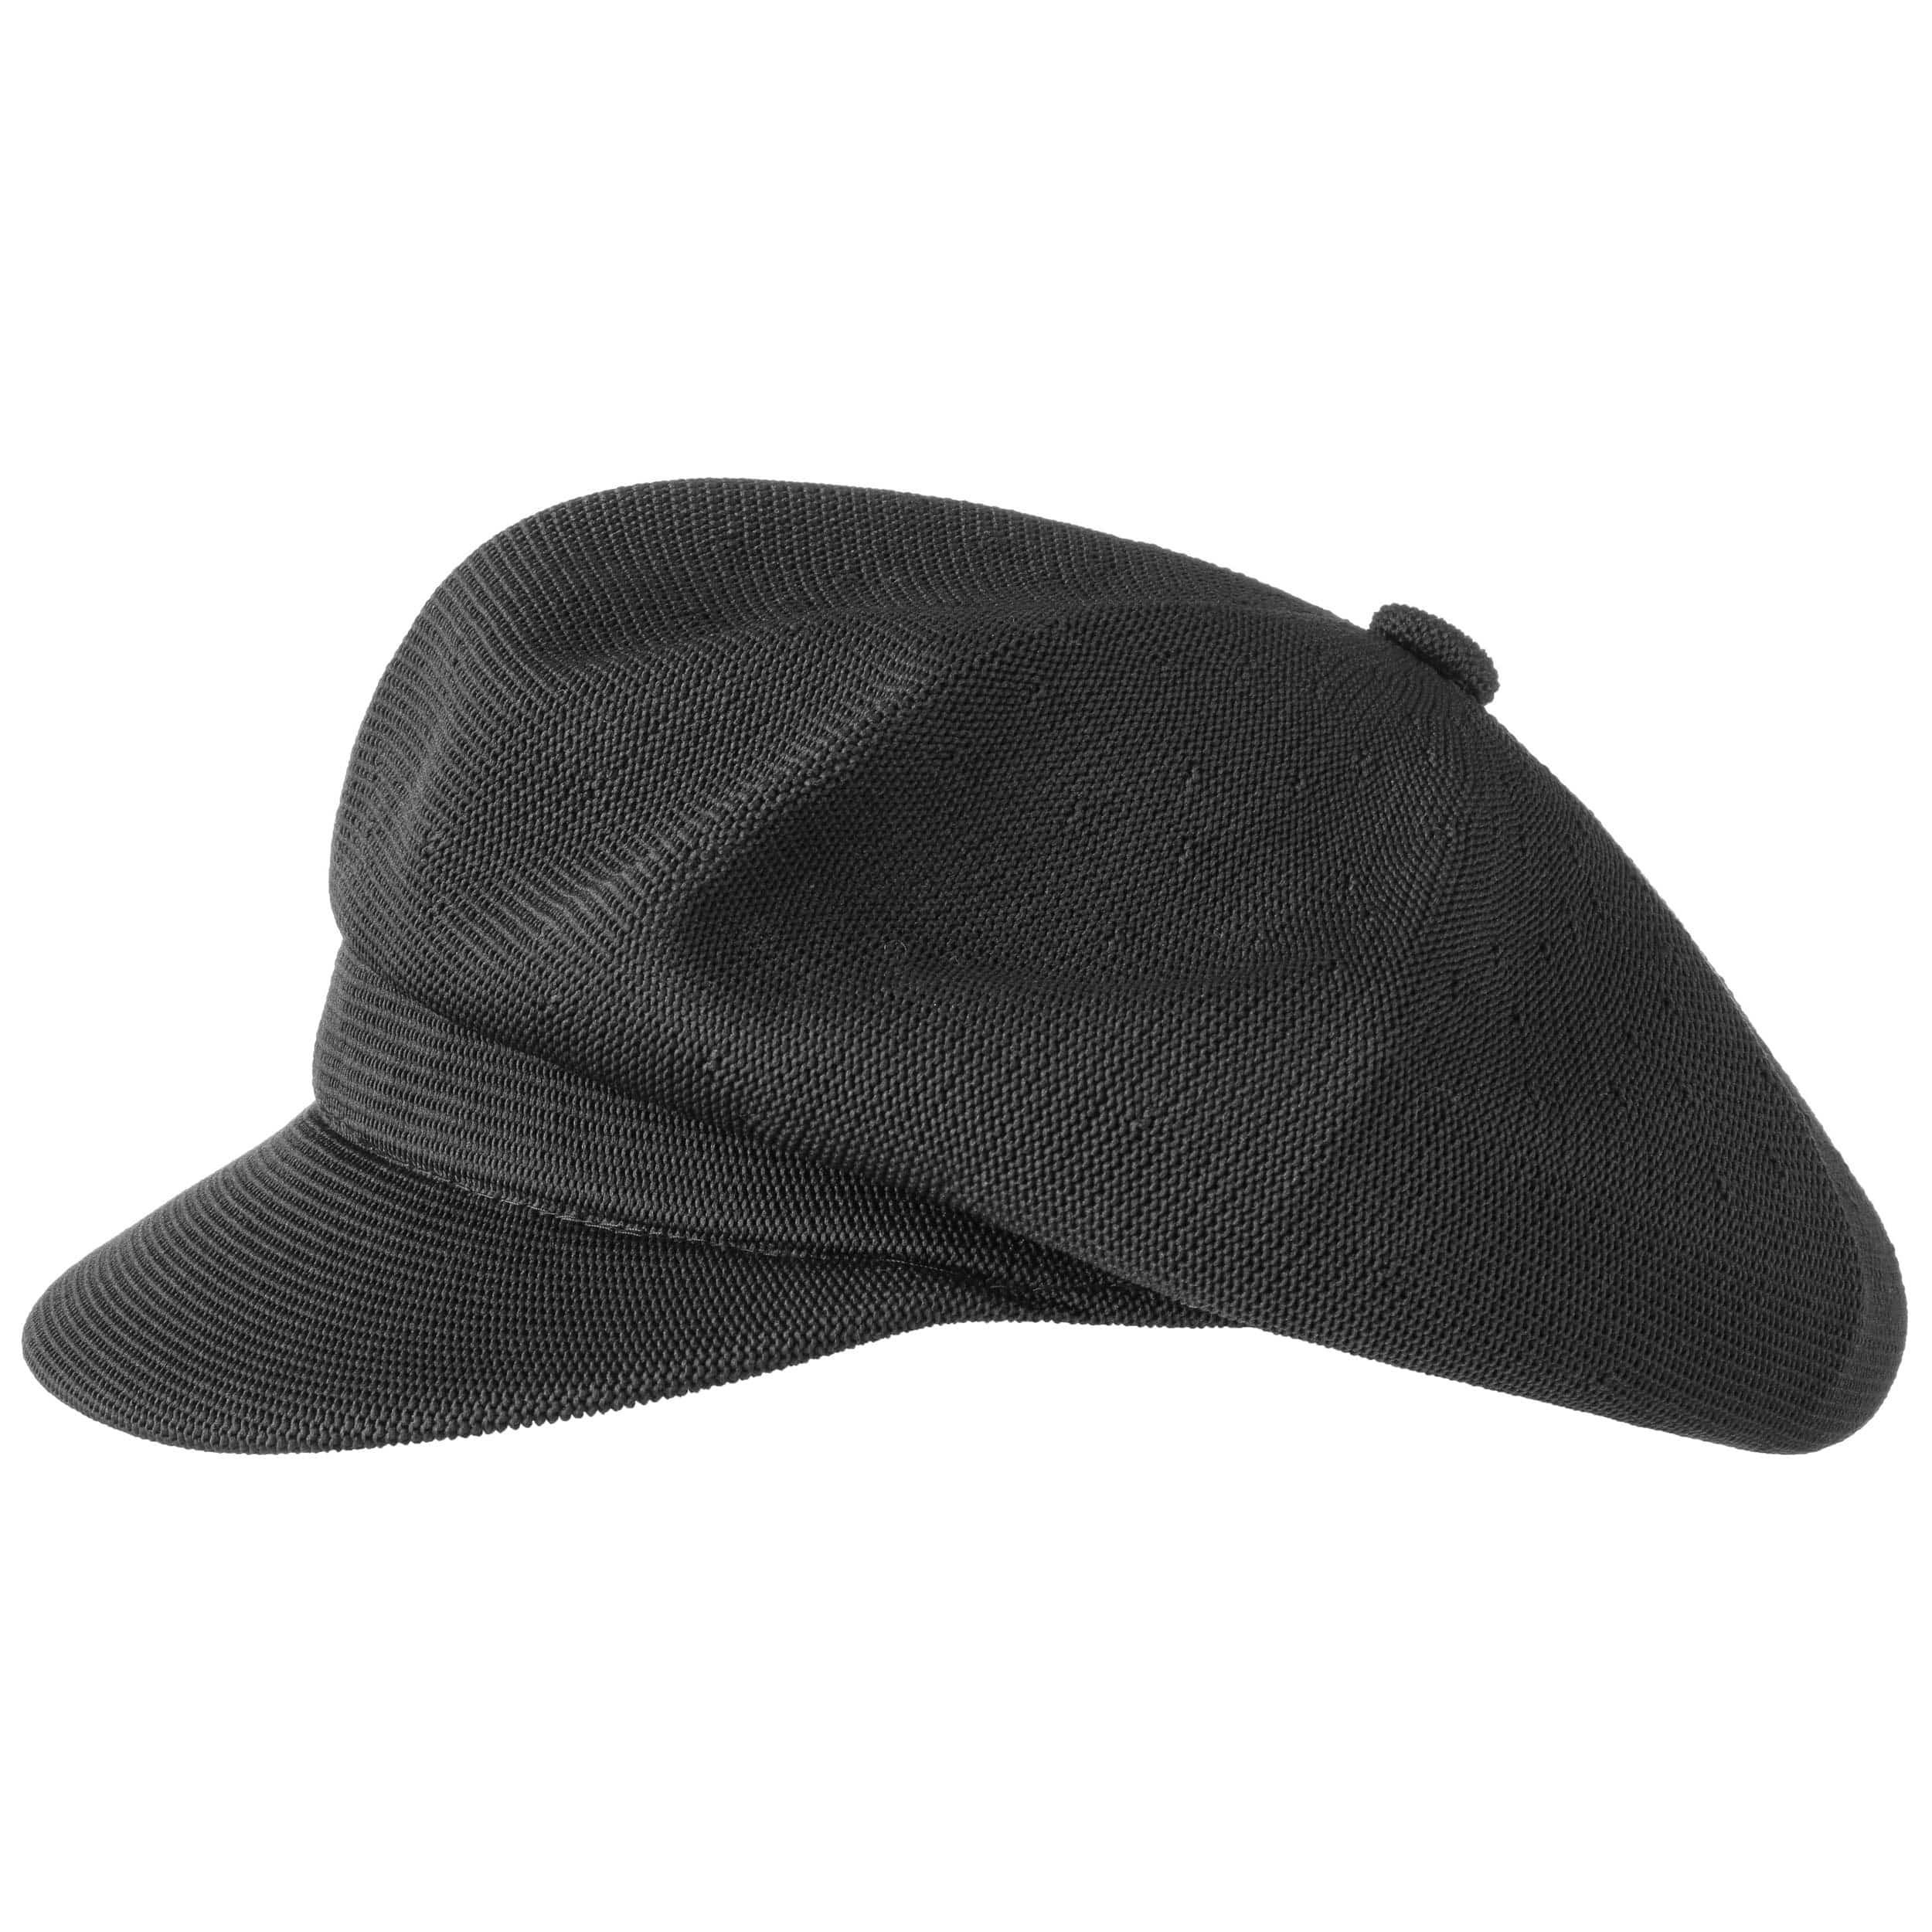 ... Kangol Tropic Spitfire Newsboy Cap - black 5 ... e78a8b360d6